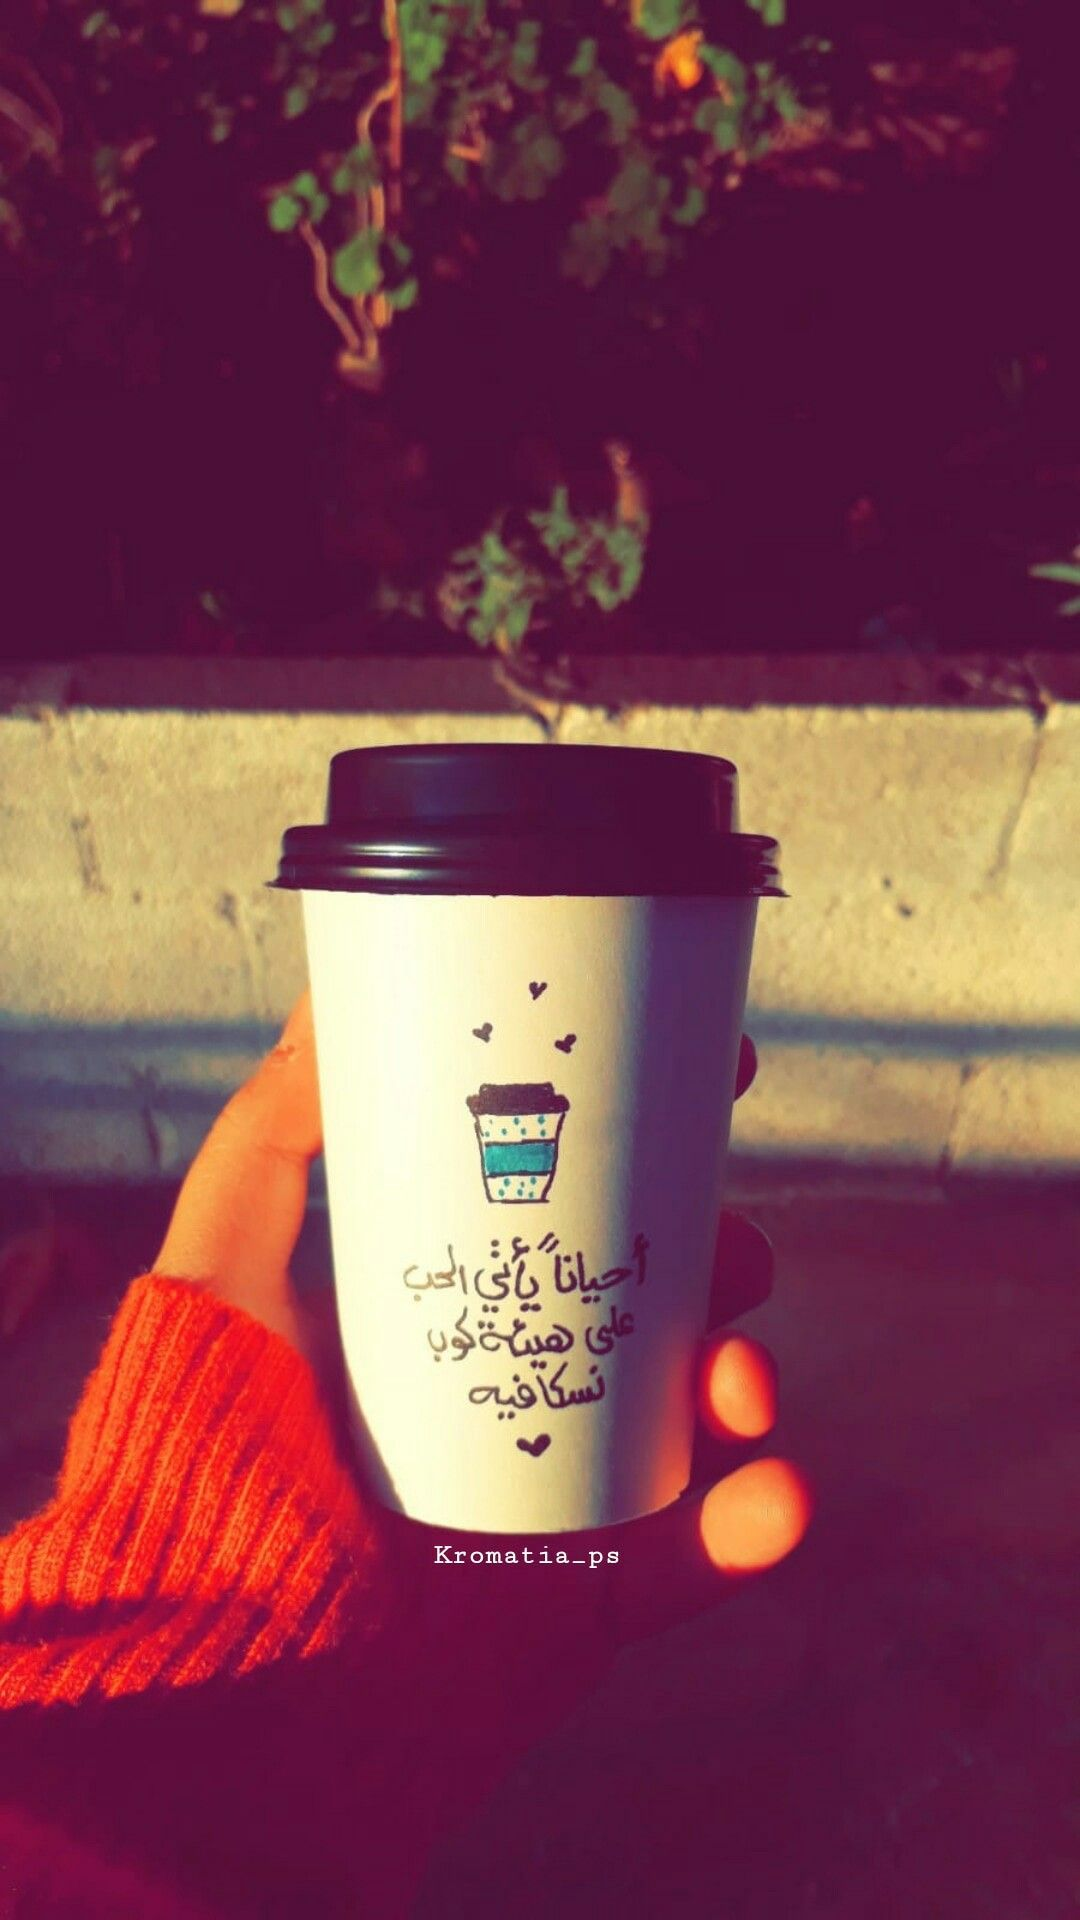 كتابة عالاكواب نسكافيه Coffee Jokes Coffee Cup Art Coffee Shop Design